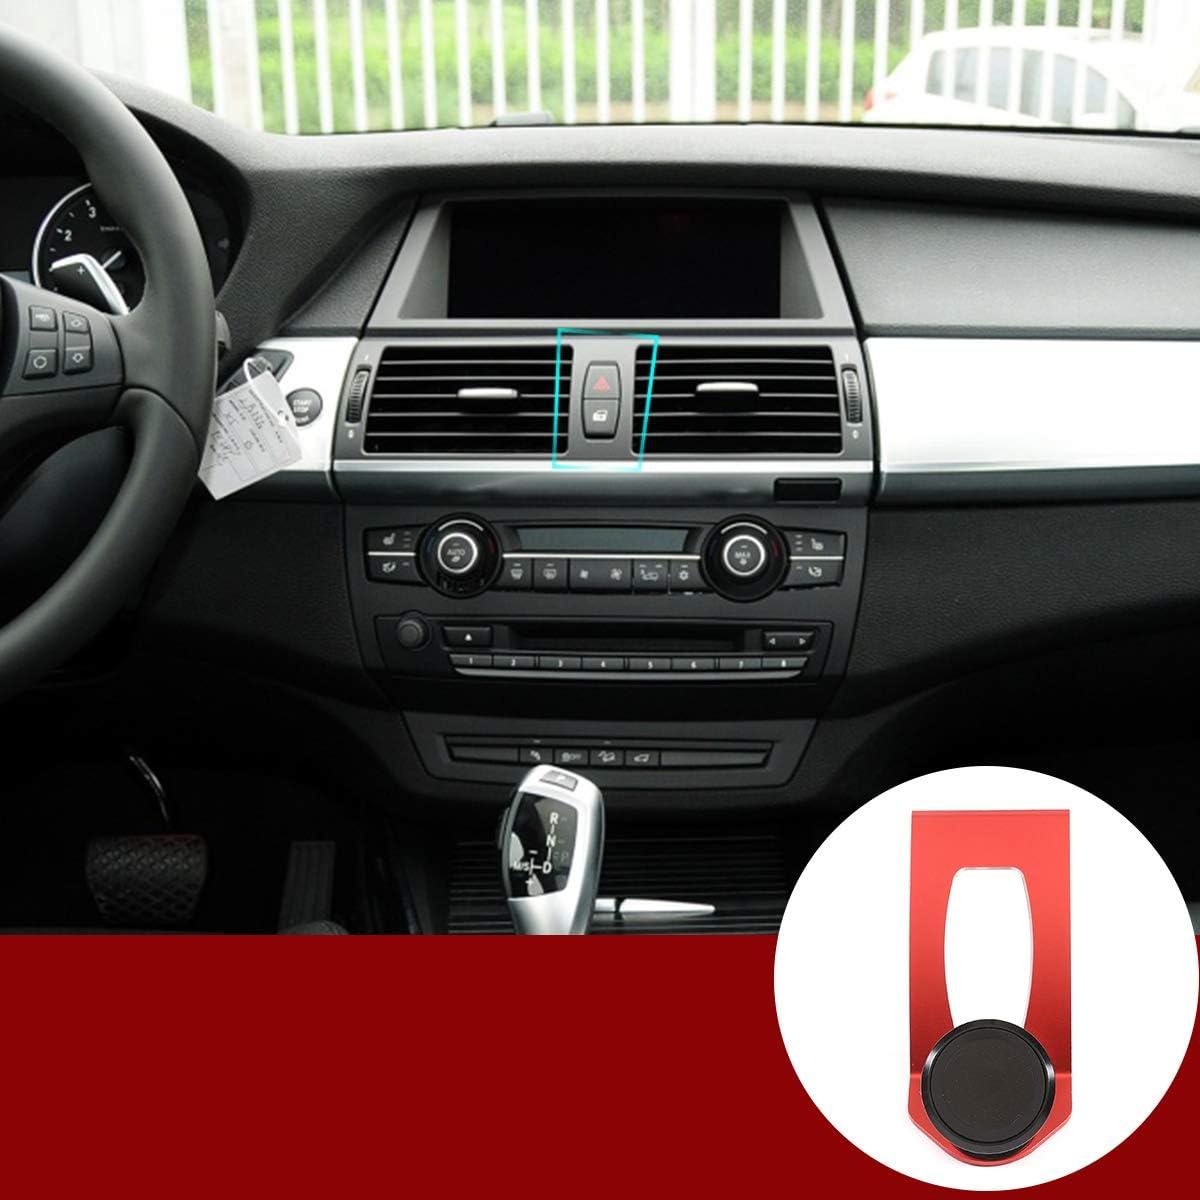 3 couleurs en alliage daluminium pour t/él/éphone portable X5 E70 2007-2013 X6 E71 2008-2014 Accessoires de voiture